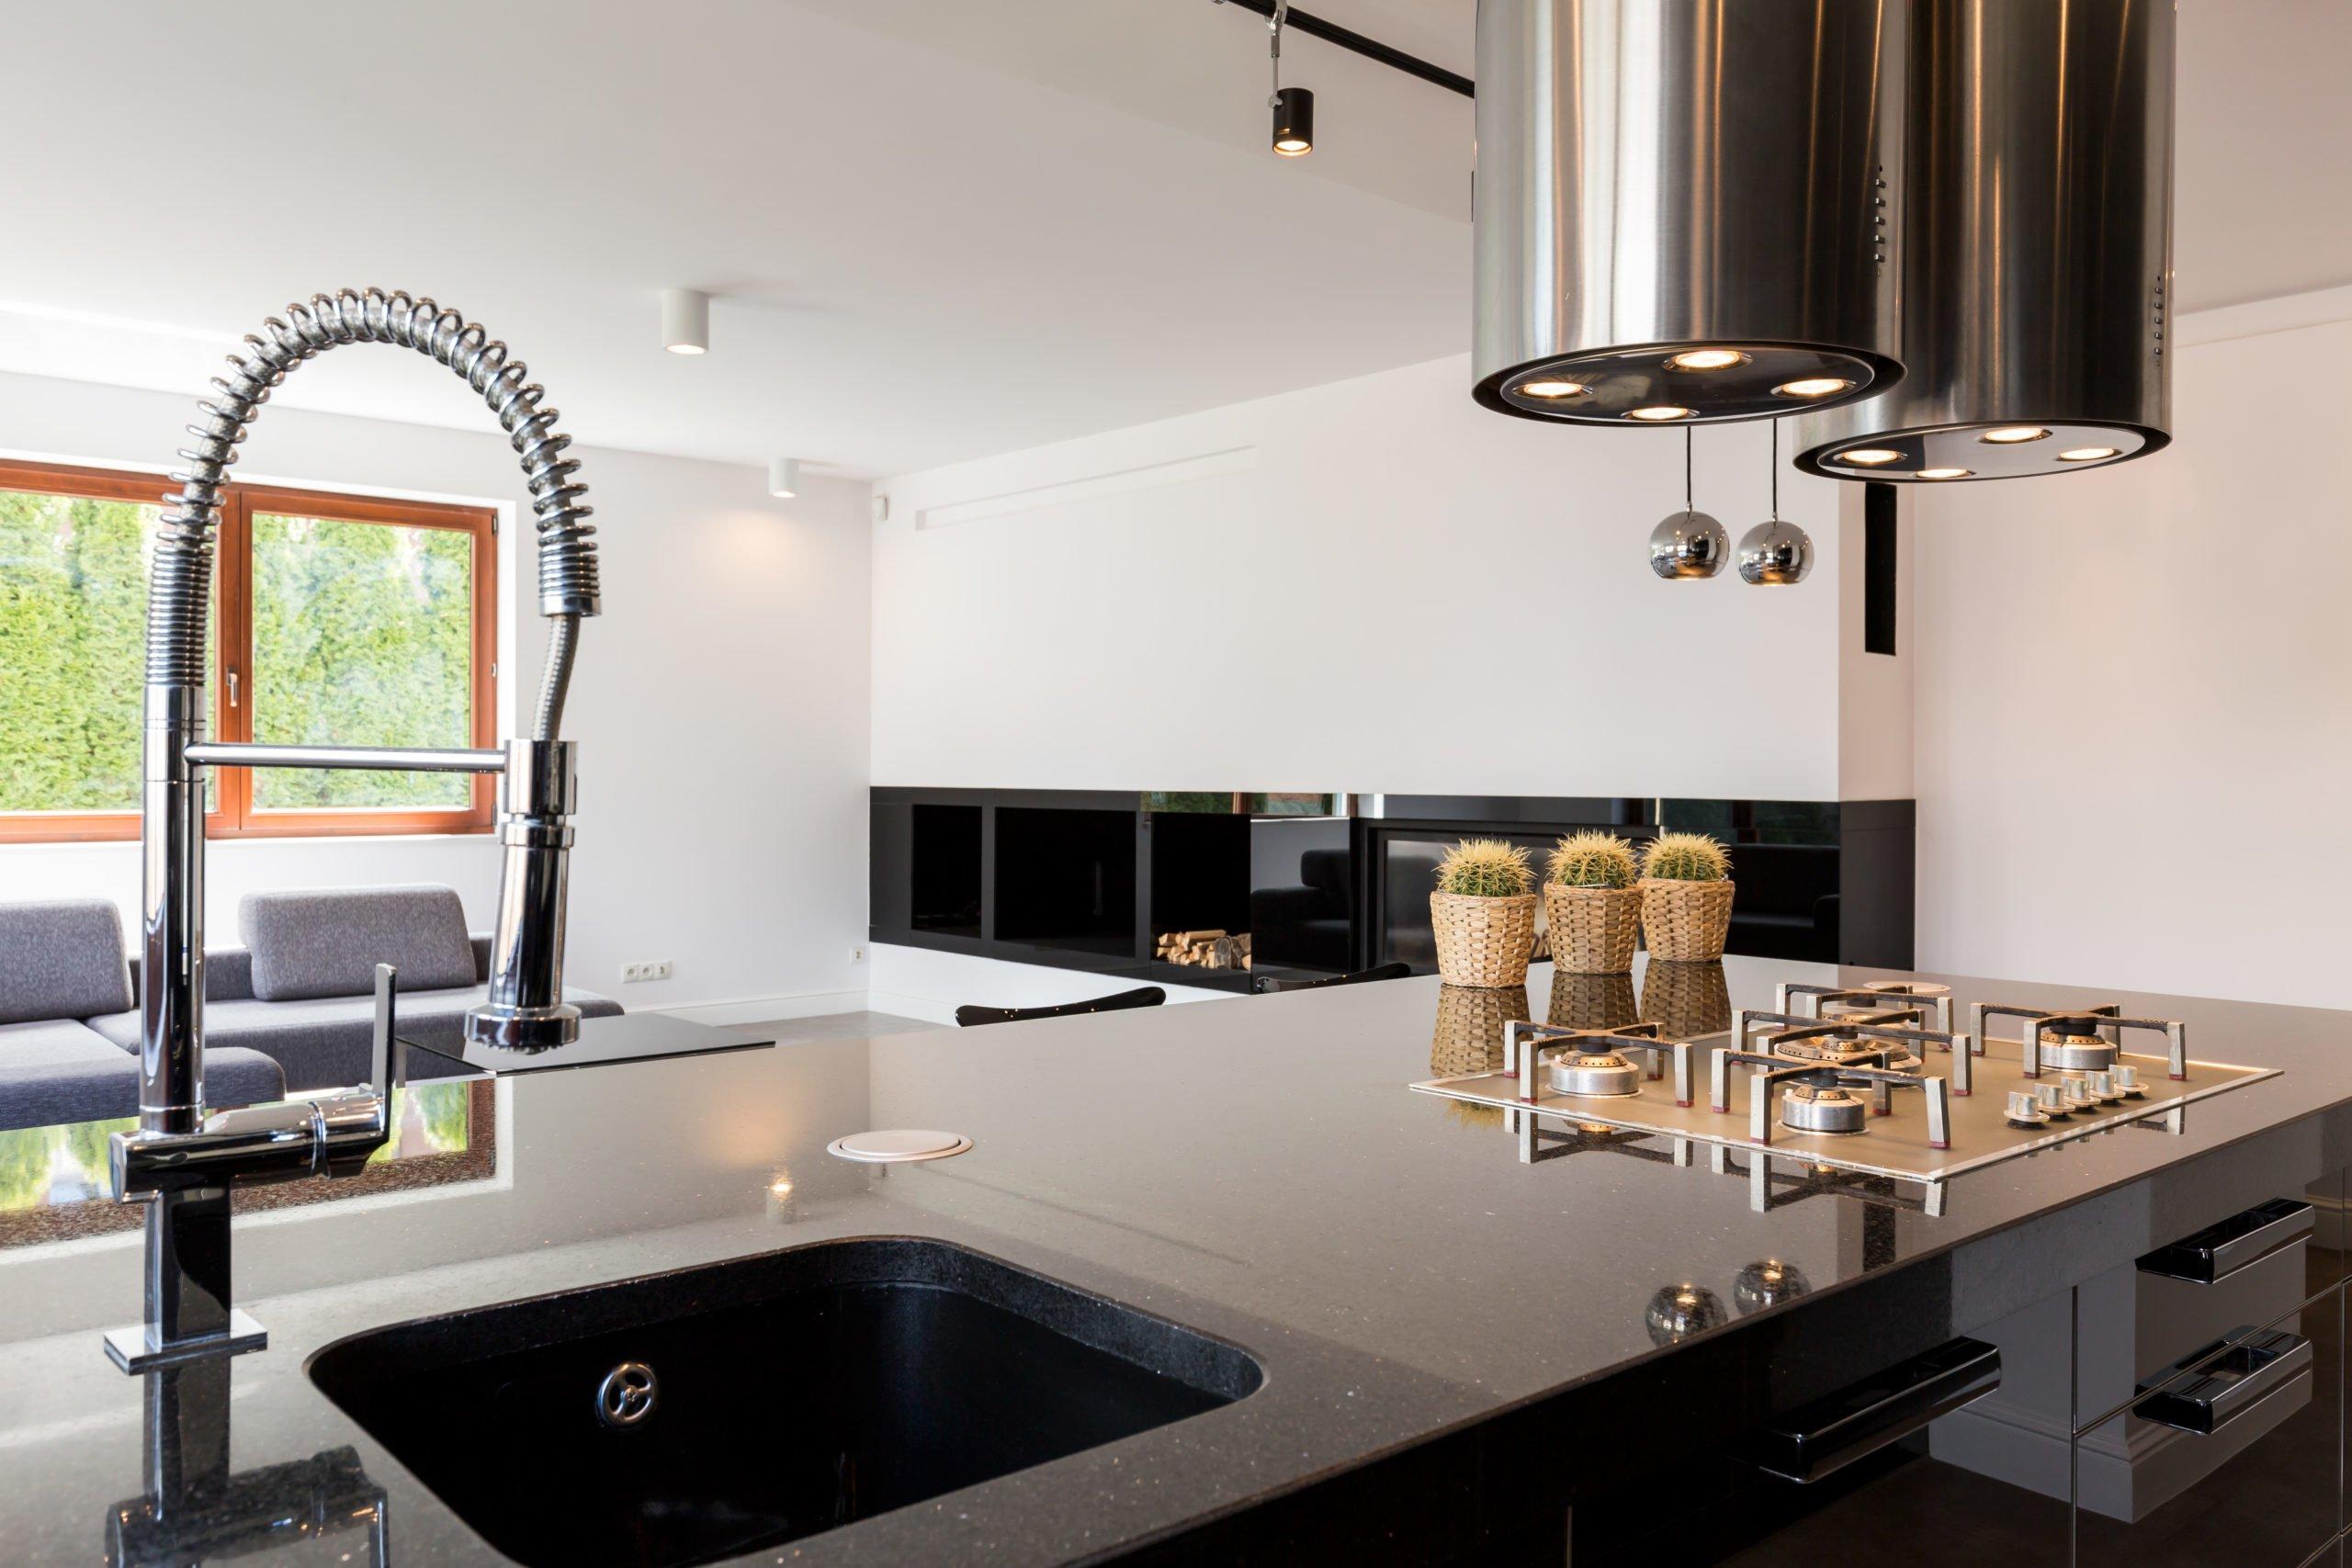 10 Best Kitchen Countertops 2020 Kitchen Countertop Options